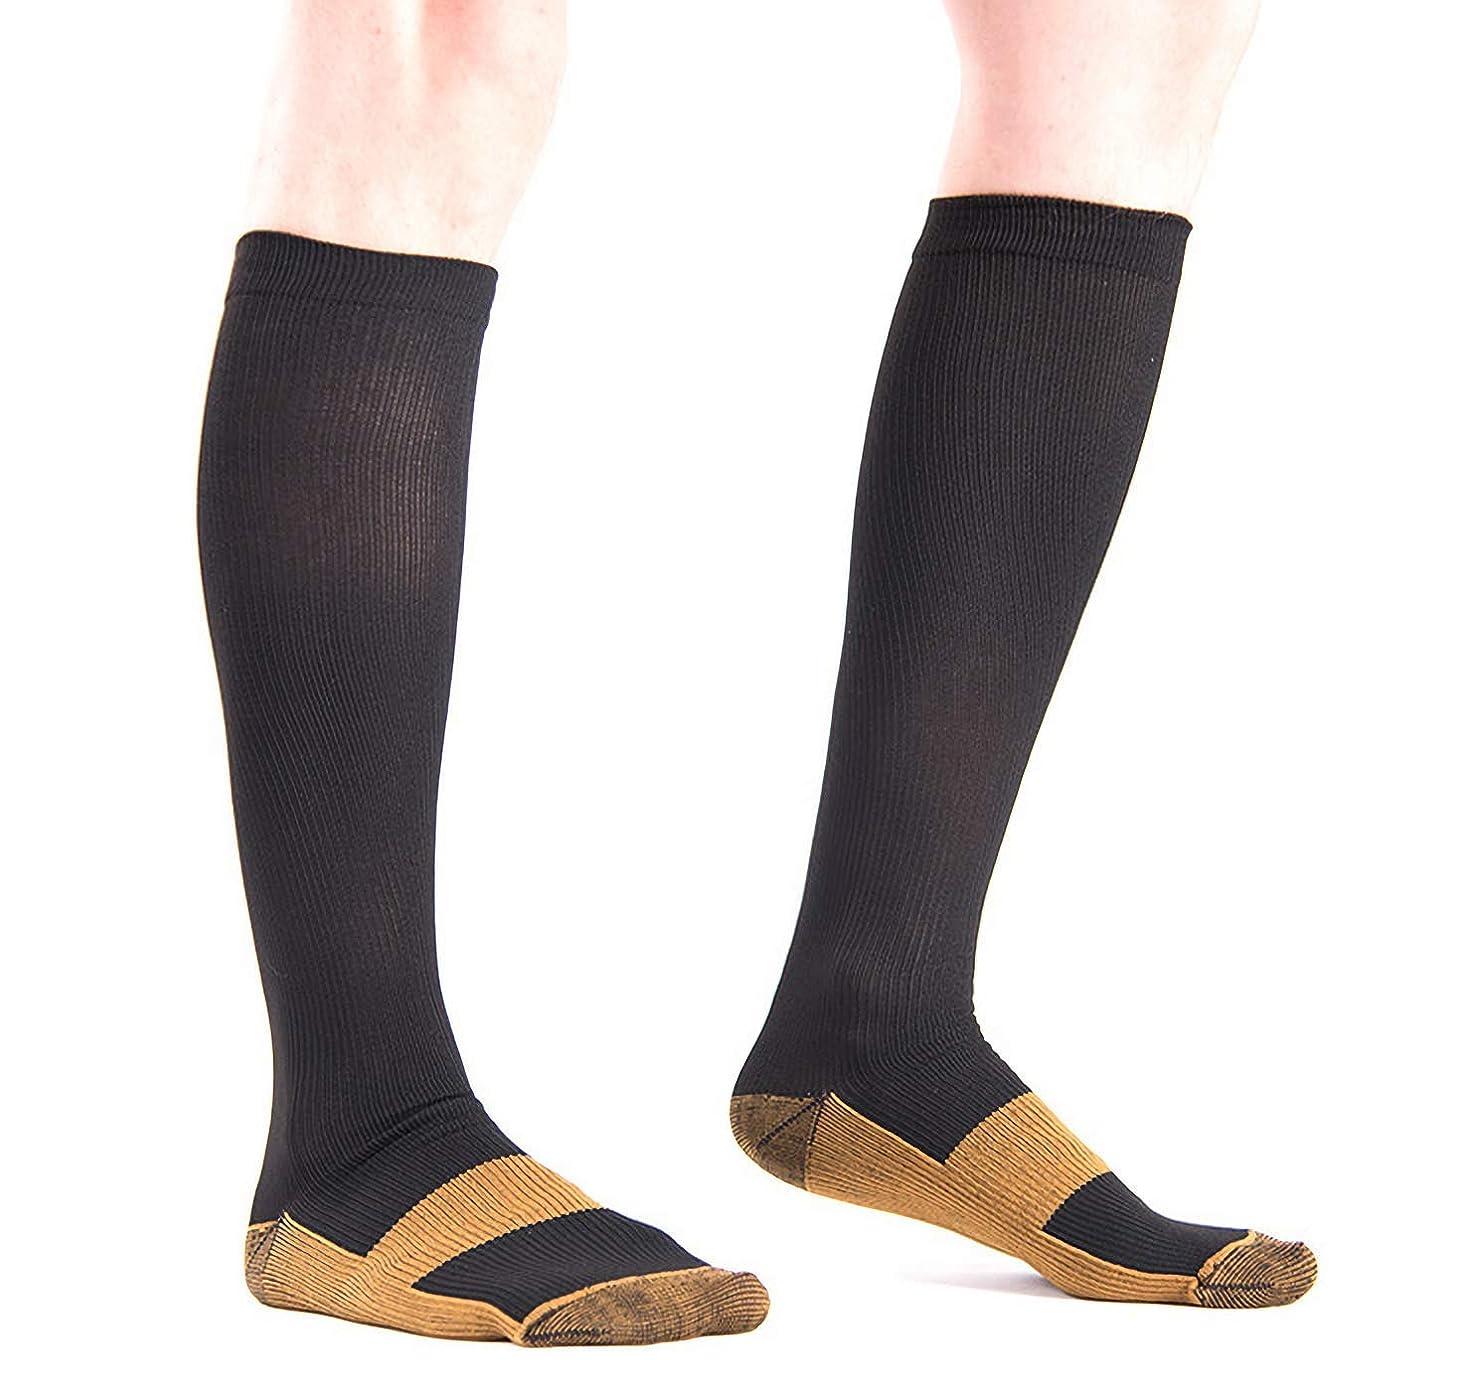 ガイド年独裁者着圧ソックス 銅圧縮 コンプレッションソックス 膝下 抗疲労 男女兼用ユニセックス (S/M, ブラック)